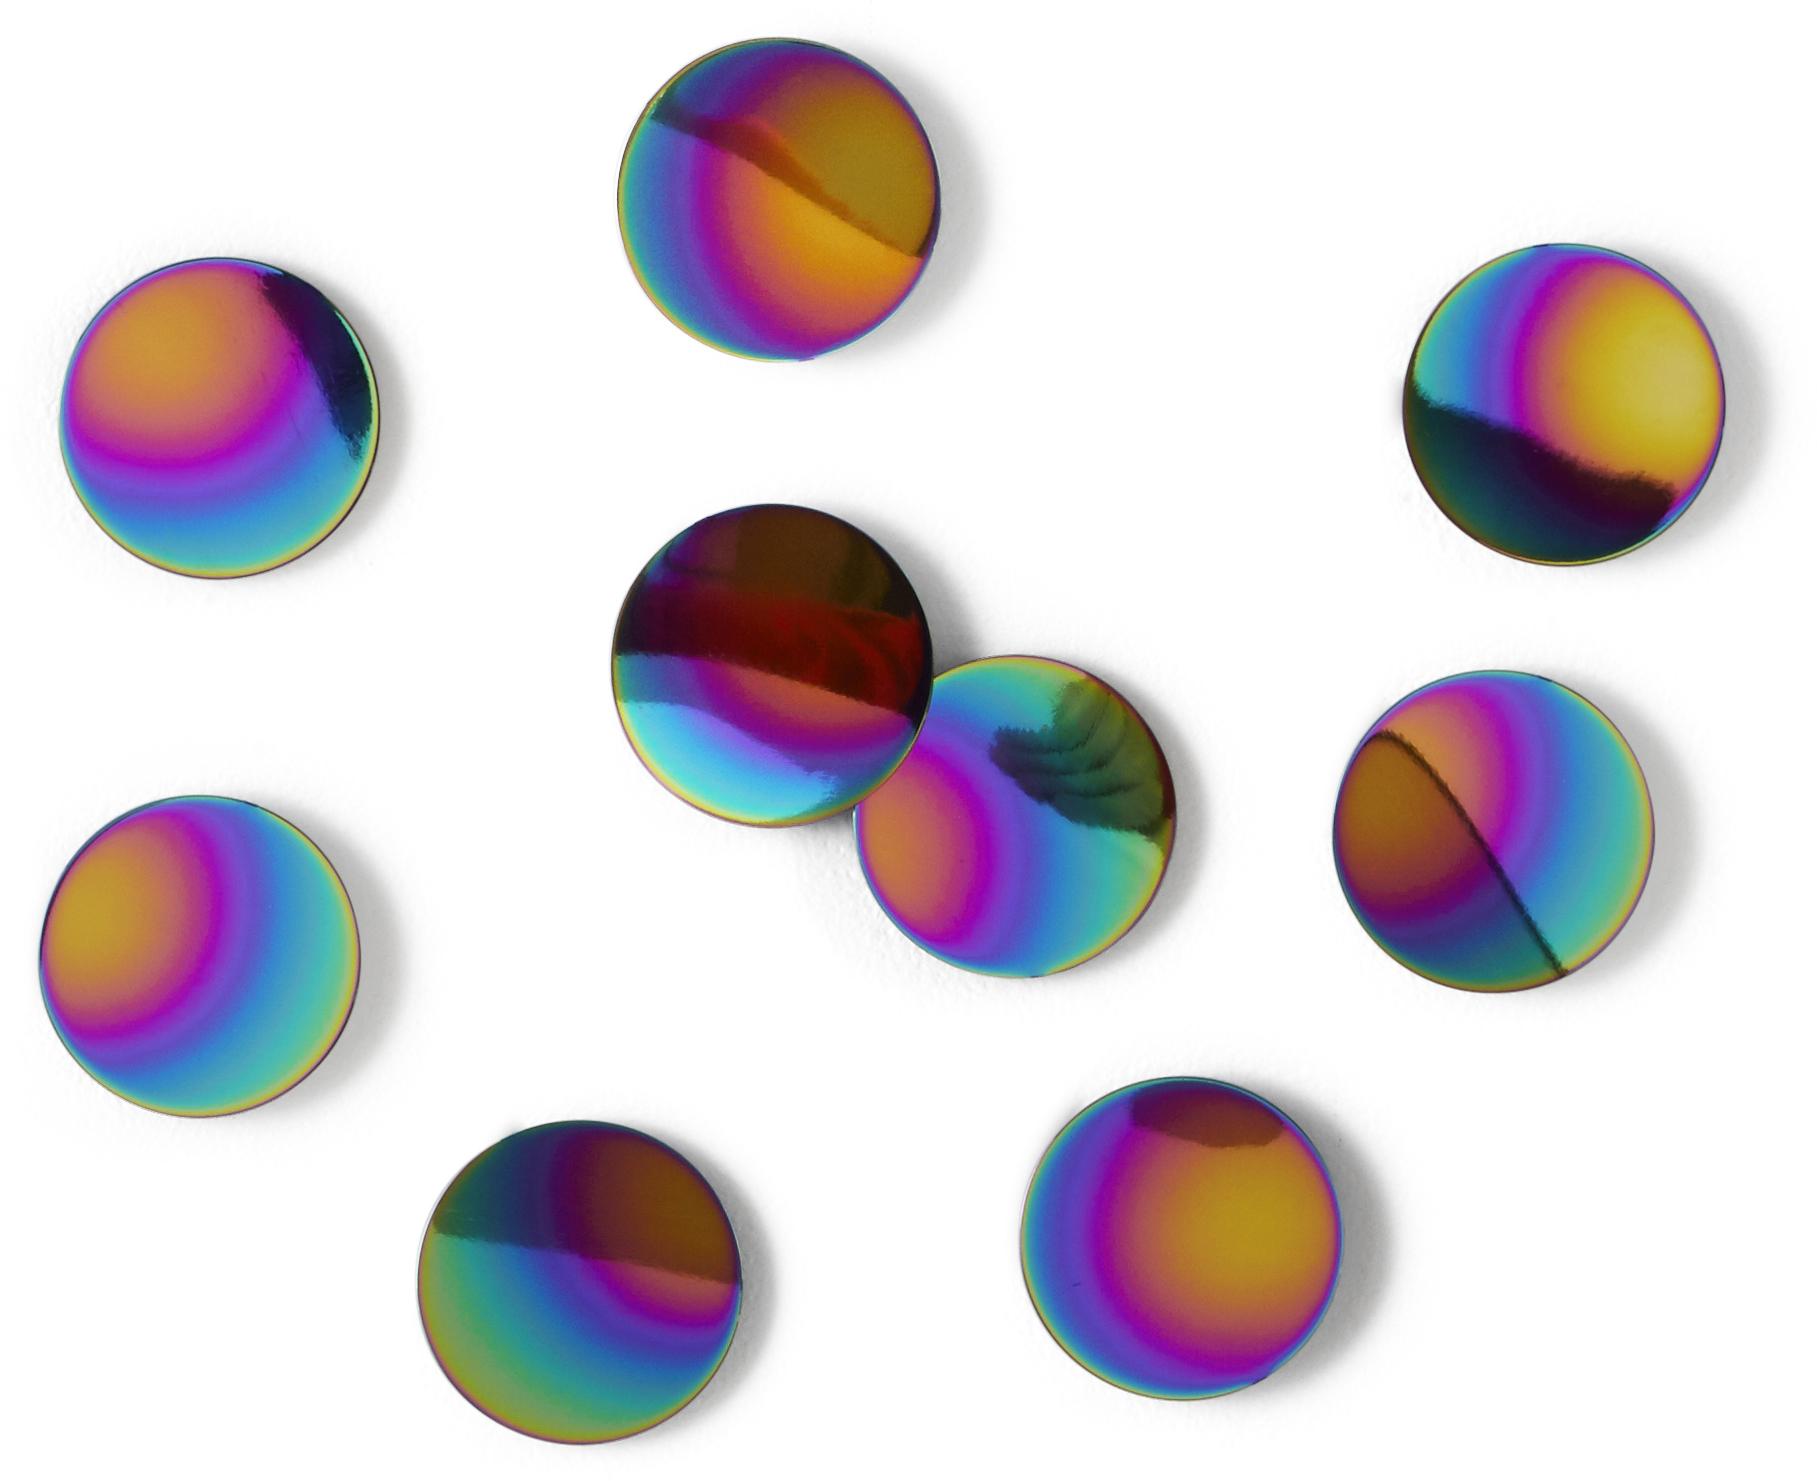 Комплект из 10 металлических полированных круглых конфетти с радужным покрытием. Идеальный декор для вечеринок или свадеб! Незаменим, если нужен необычный подарок творческим натурам, которые следят за веяниями моды. Крепятся к стене при помощи липкой ленты 3M Command (входит в комплект). Диаметр каждой конфетти 7 см.Дизайнер Laura Carwardine.